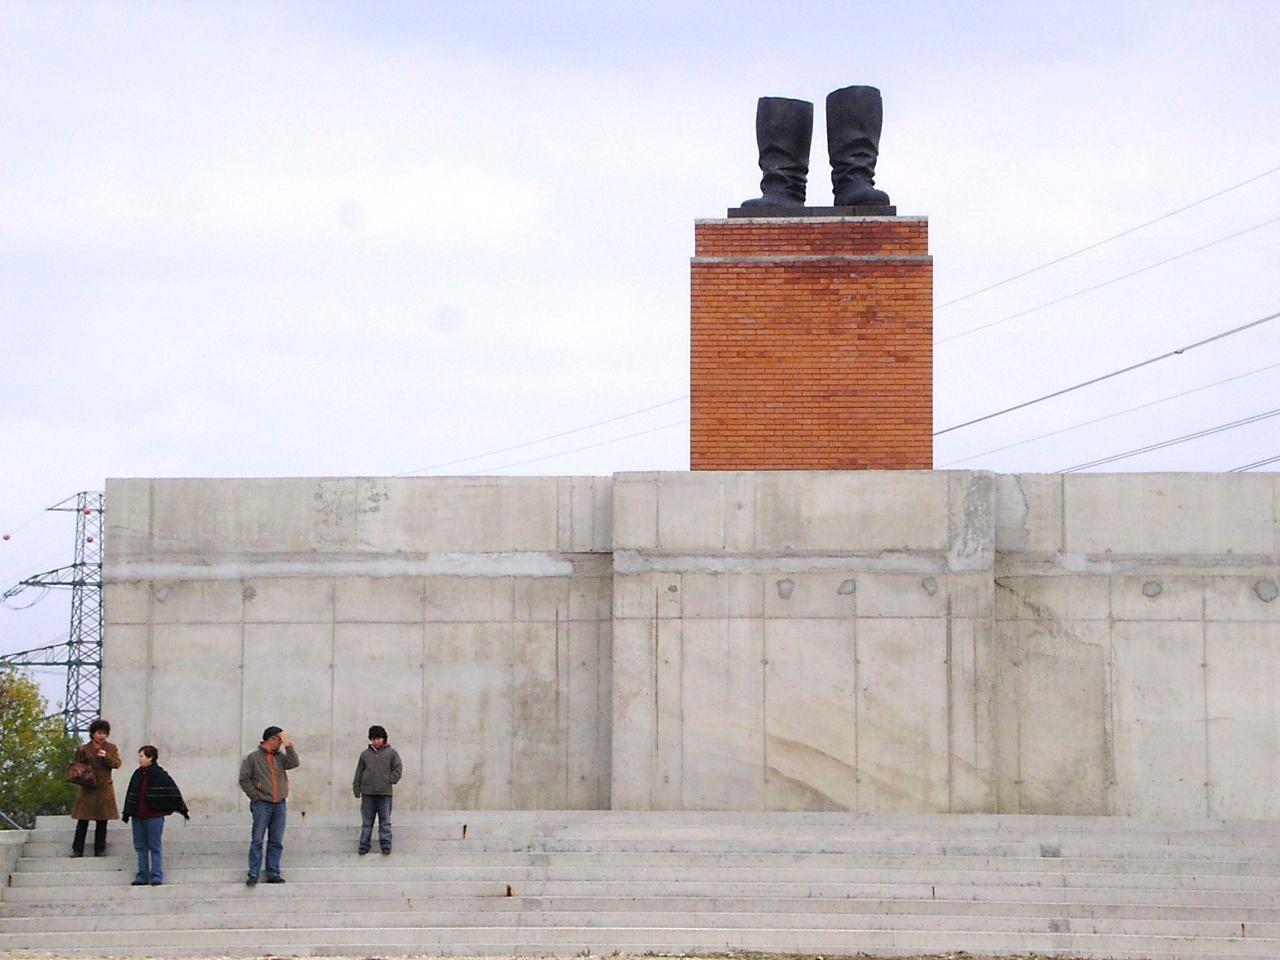 共産主義の没落を語る彫刻群